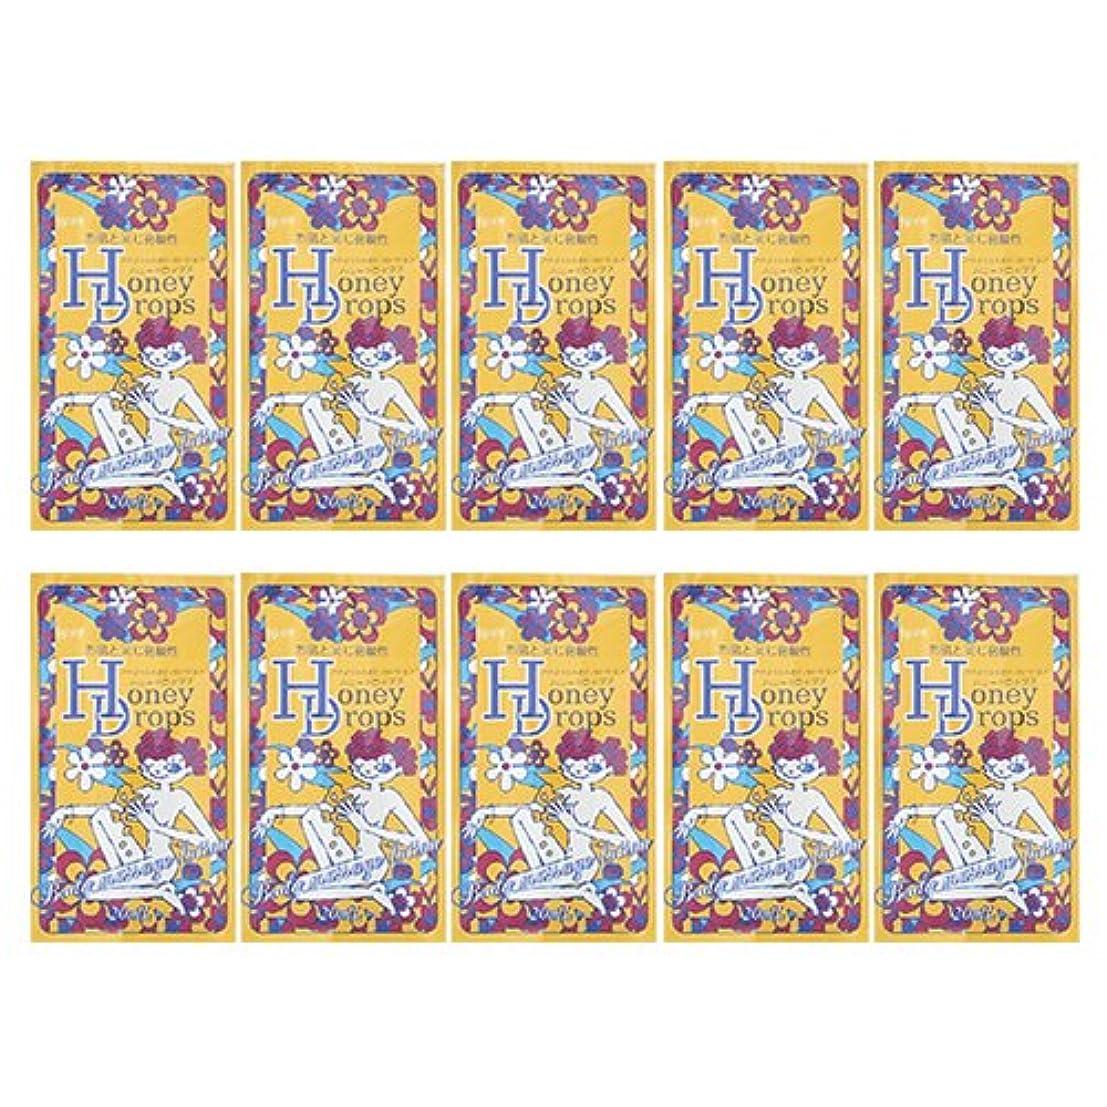 肝と遊ぶツーリストハニードロップス(Honey Drops) 20ml スタンダードタイプ × 10個入